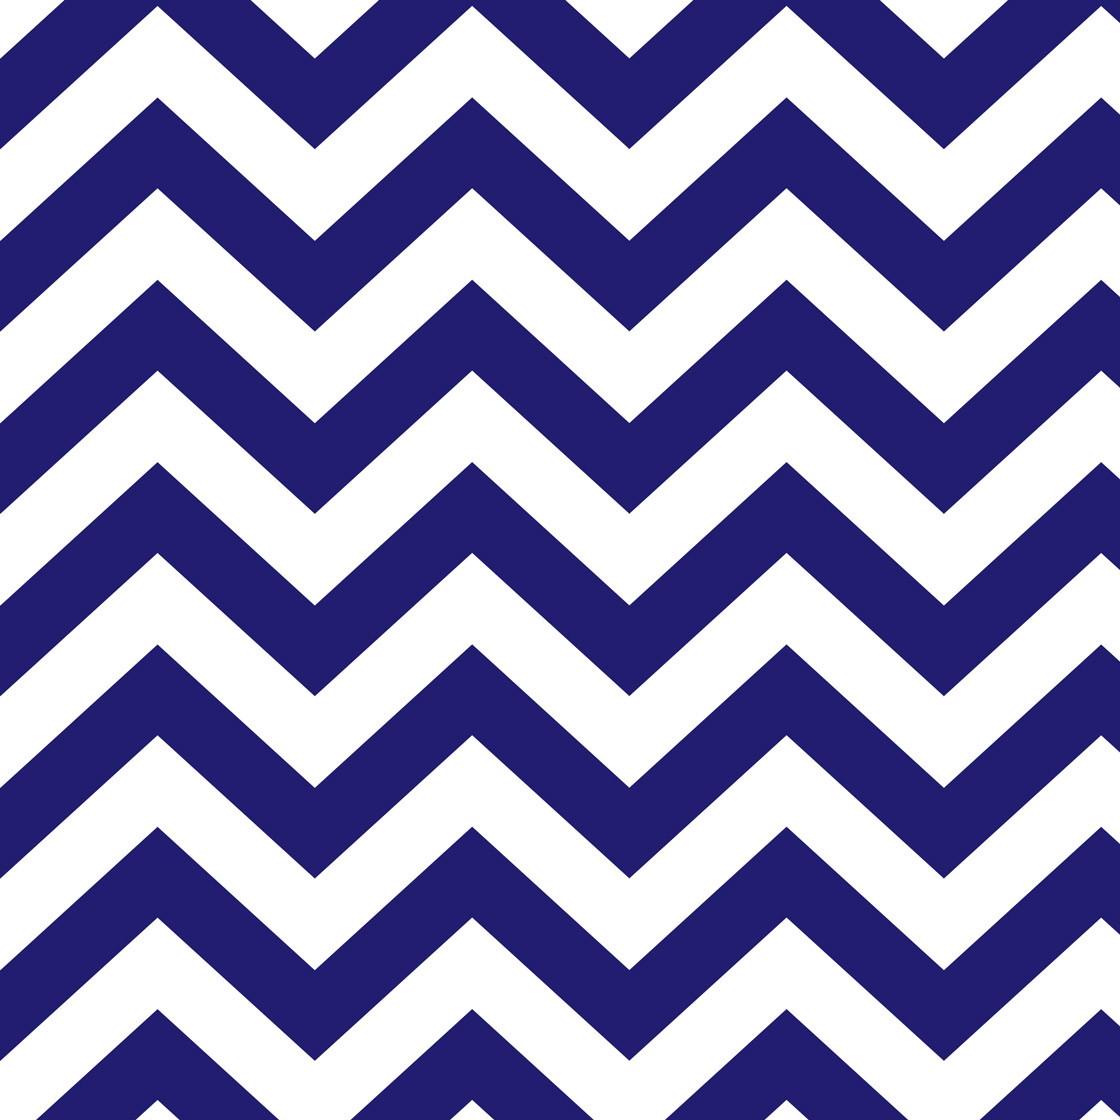 papel de parede chevron azul marinho no elo7 decoraplus 977078